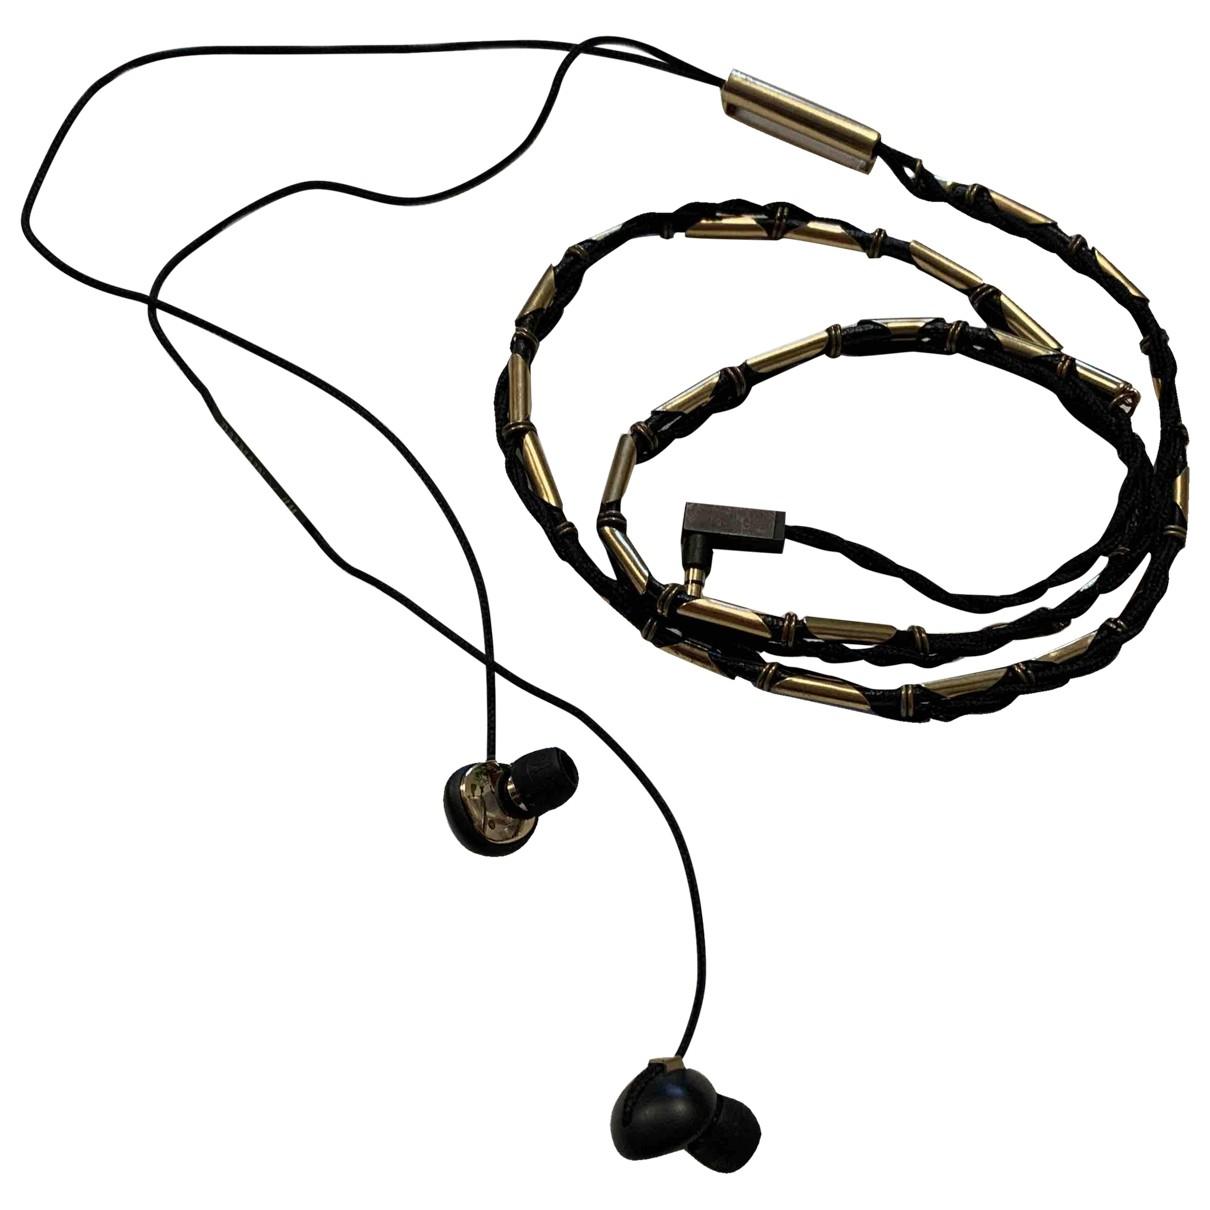 Auriculares de Cuero Balmain For H&m